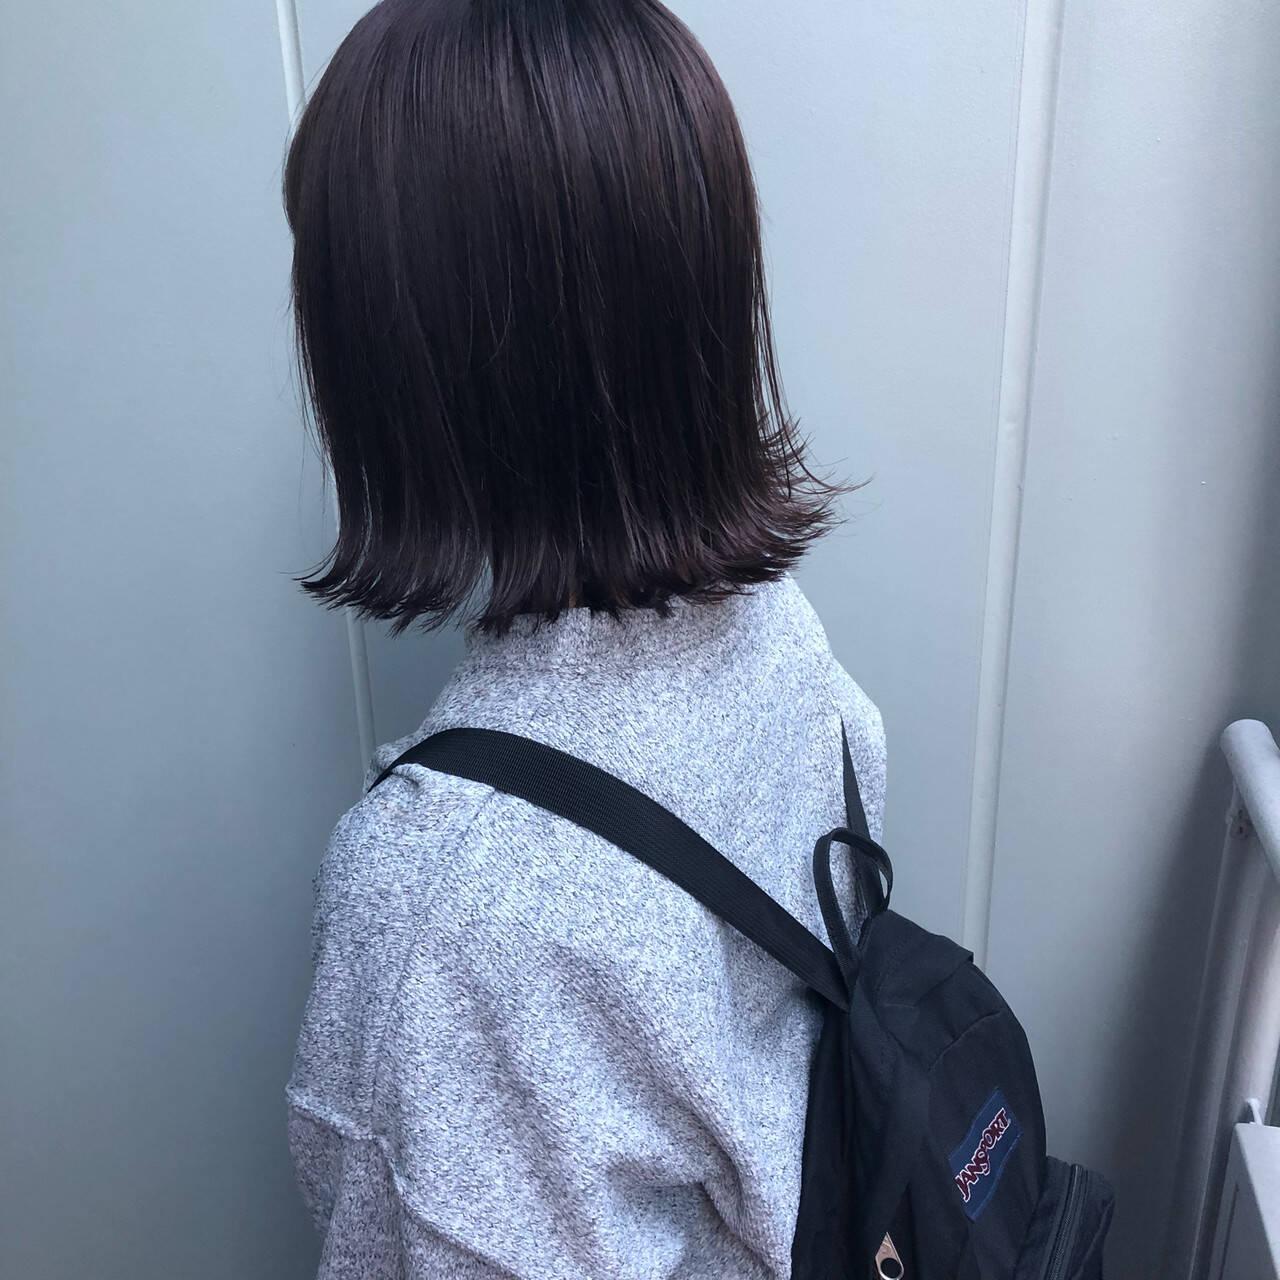 ダークグレー ボブ ナチュラル グレーアッシュヘアスタイルや髪型の写真・画像